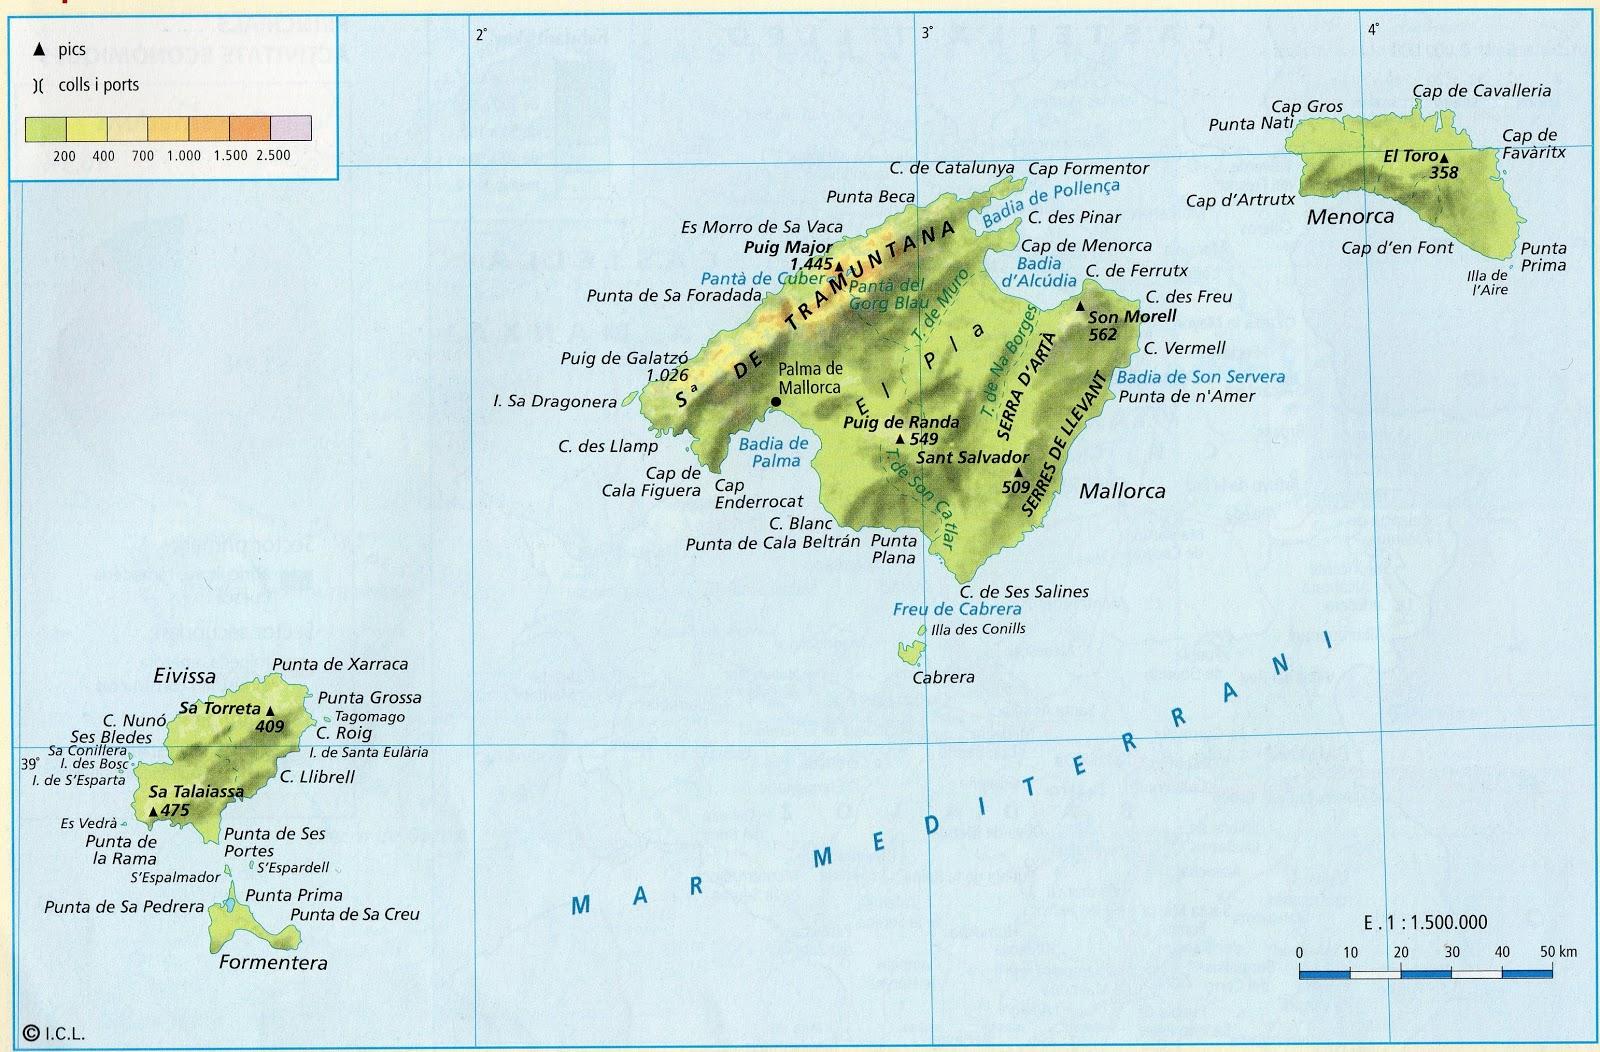 Illes balears mapa my blog - Islas de baleares ...